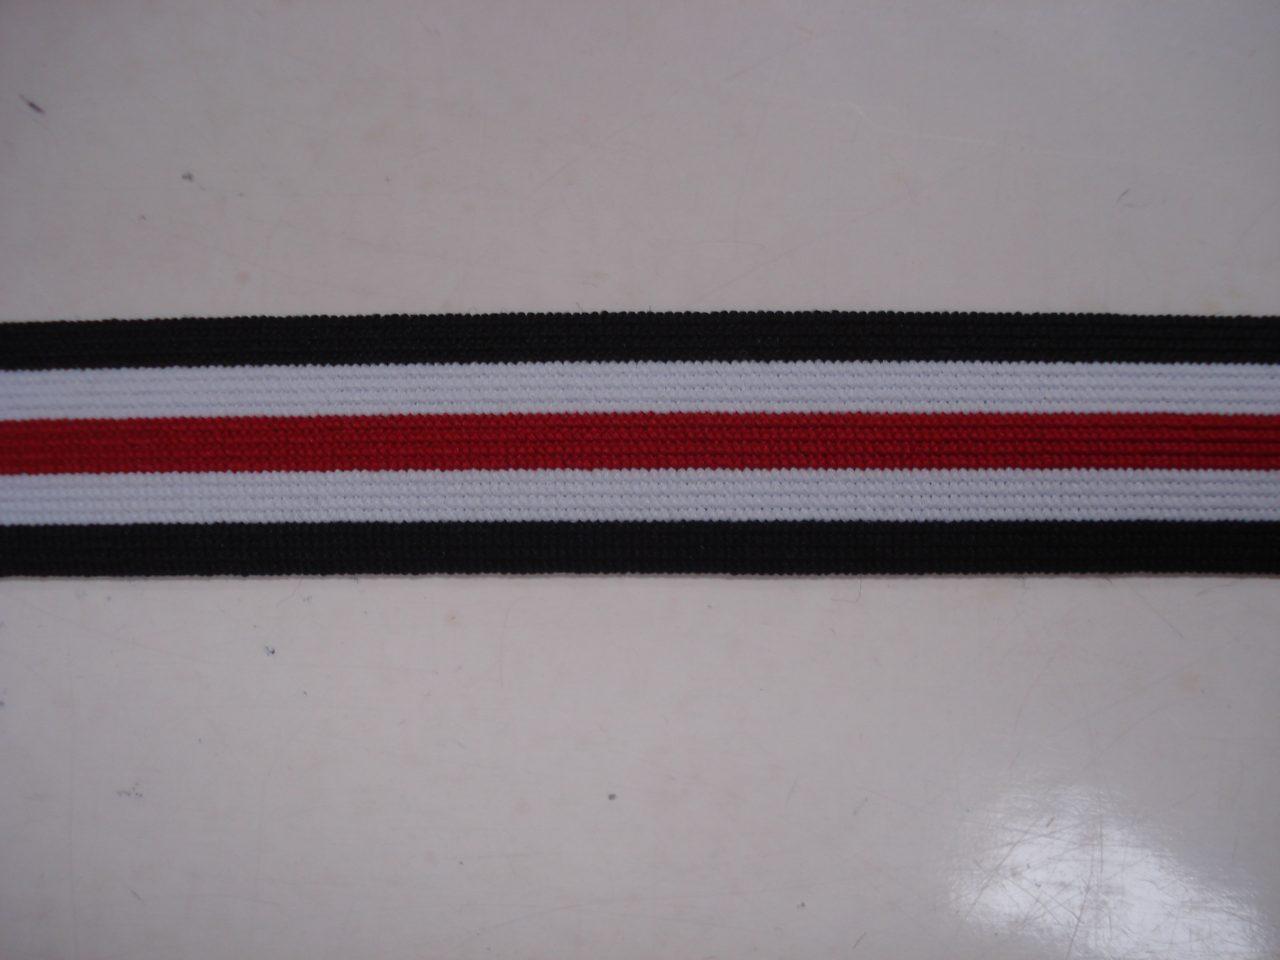 Gestreept Elastiek zwart/wit/rood 25mm. halve meter €0,98.